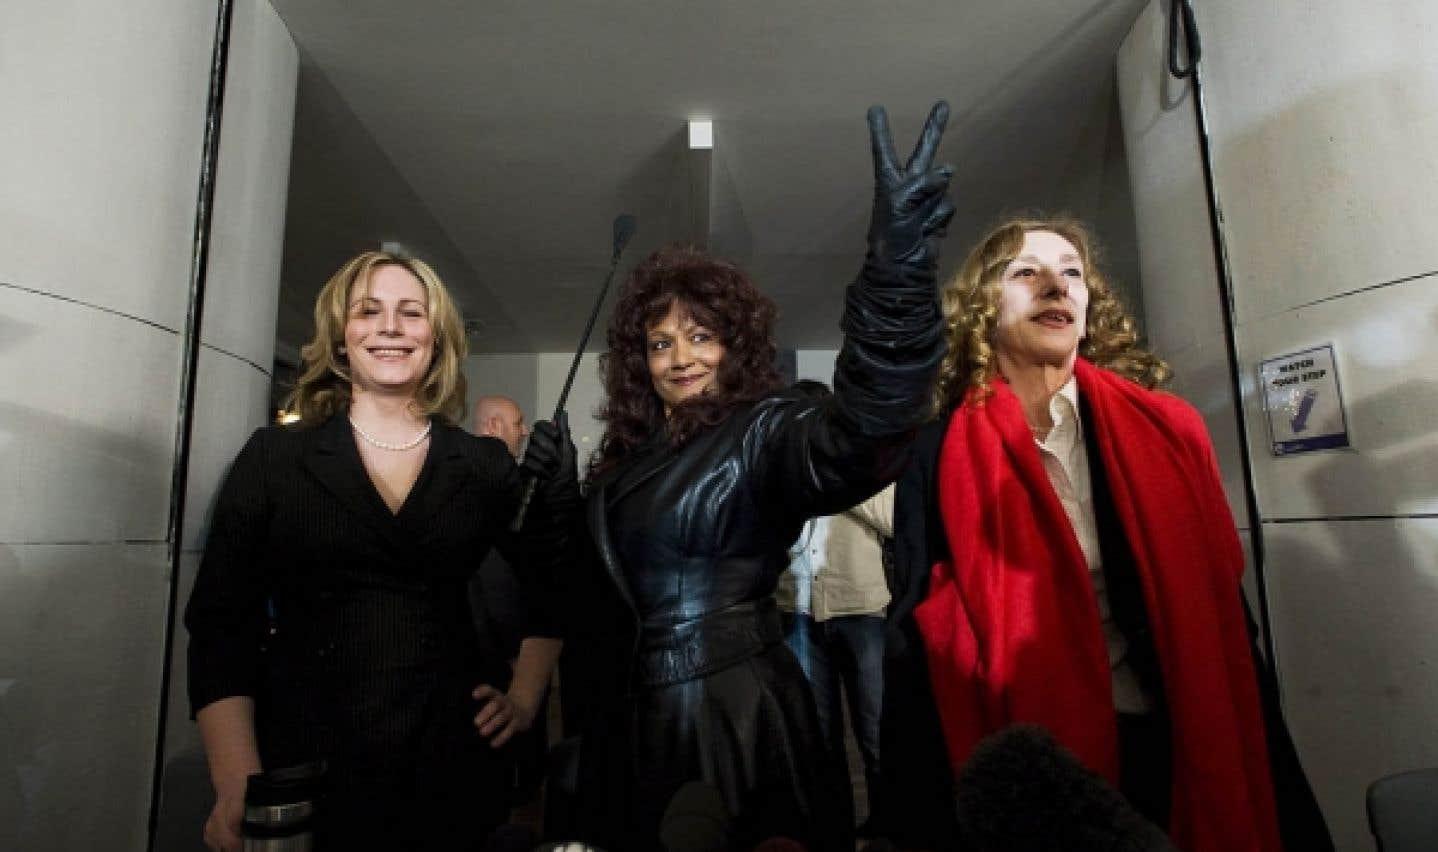 Légalisation des maisons closes - La Cour d'appel de l'Ontario relance le débat sur la prostitution